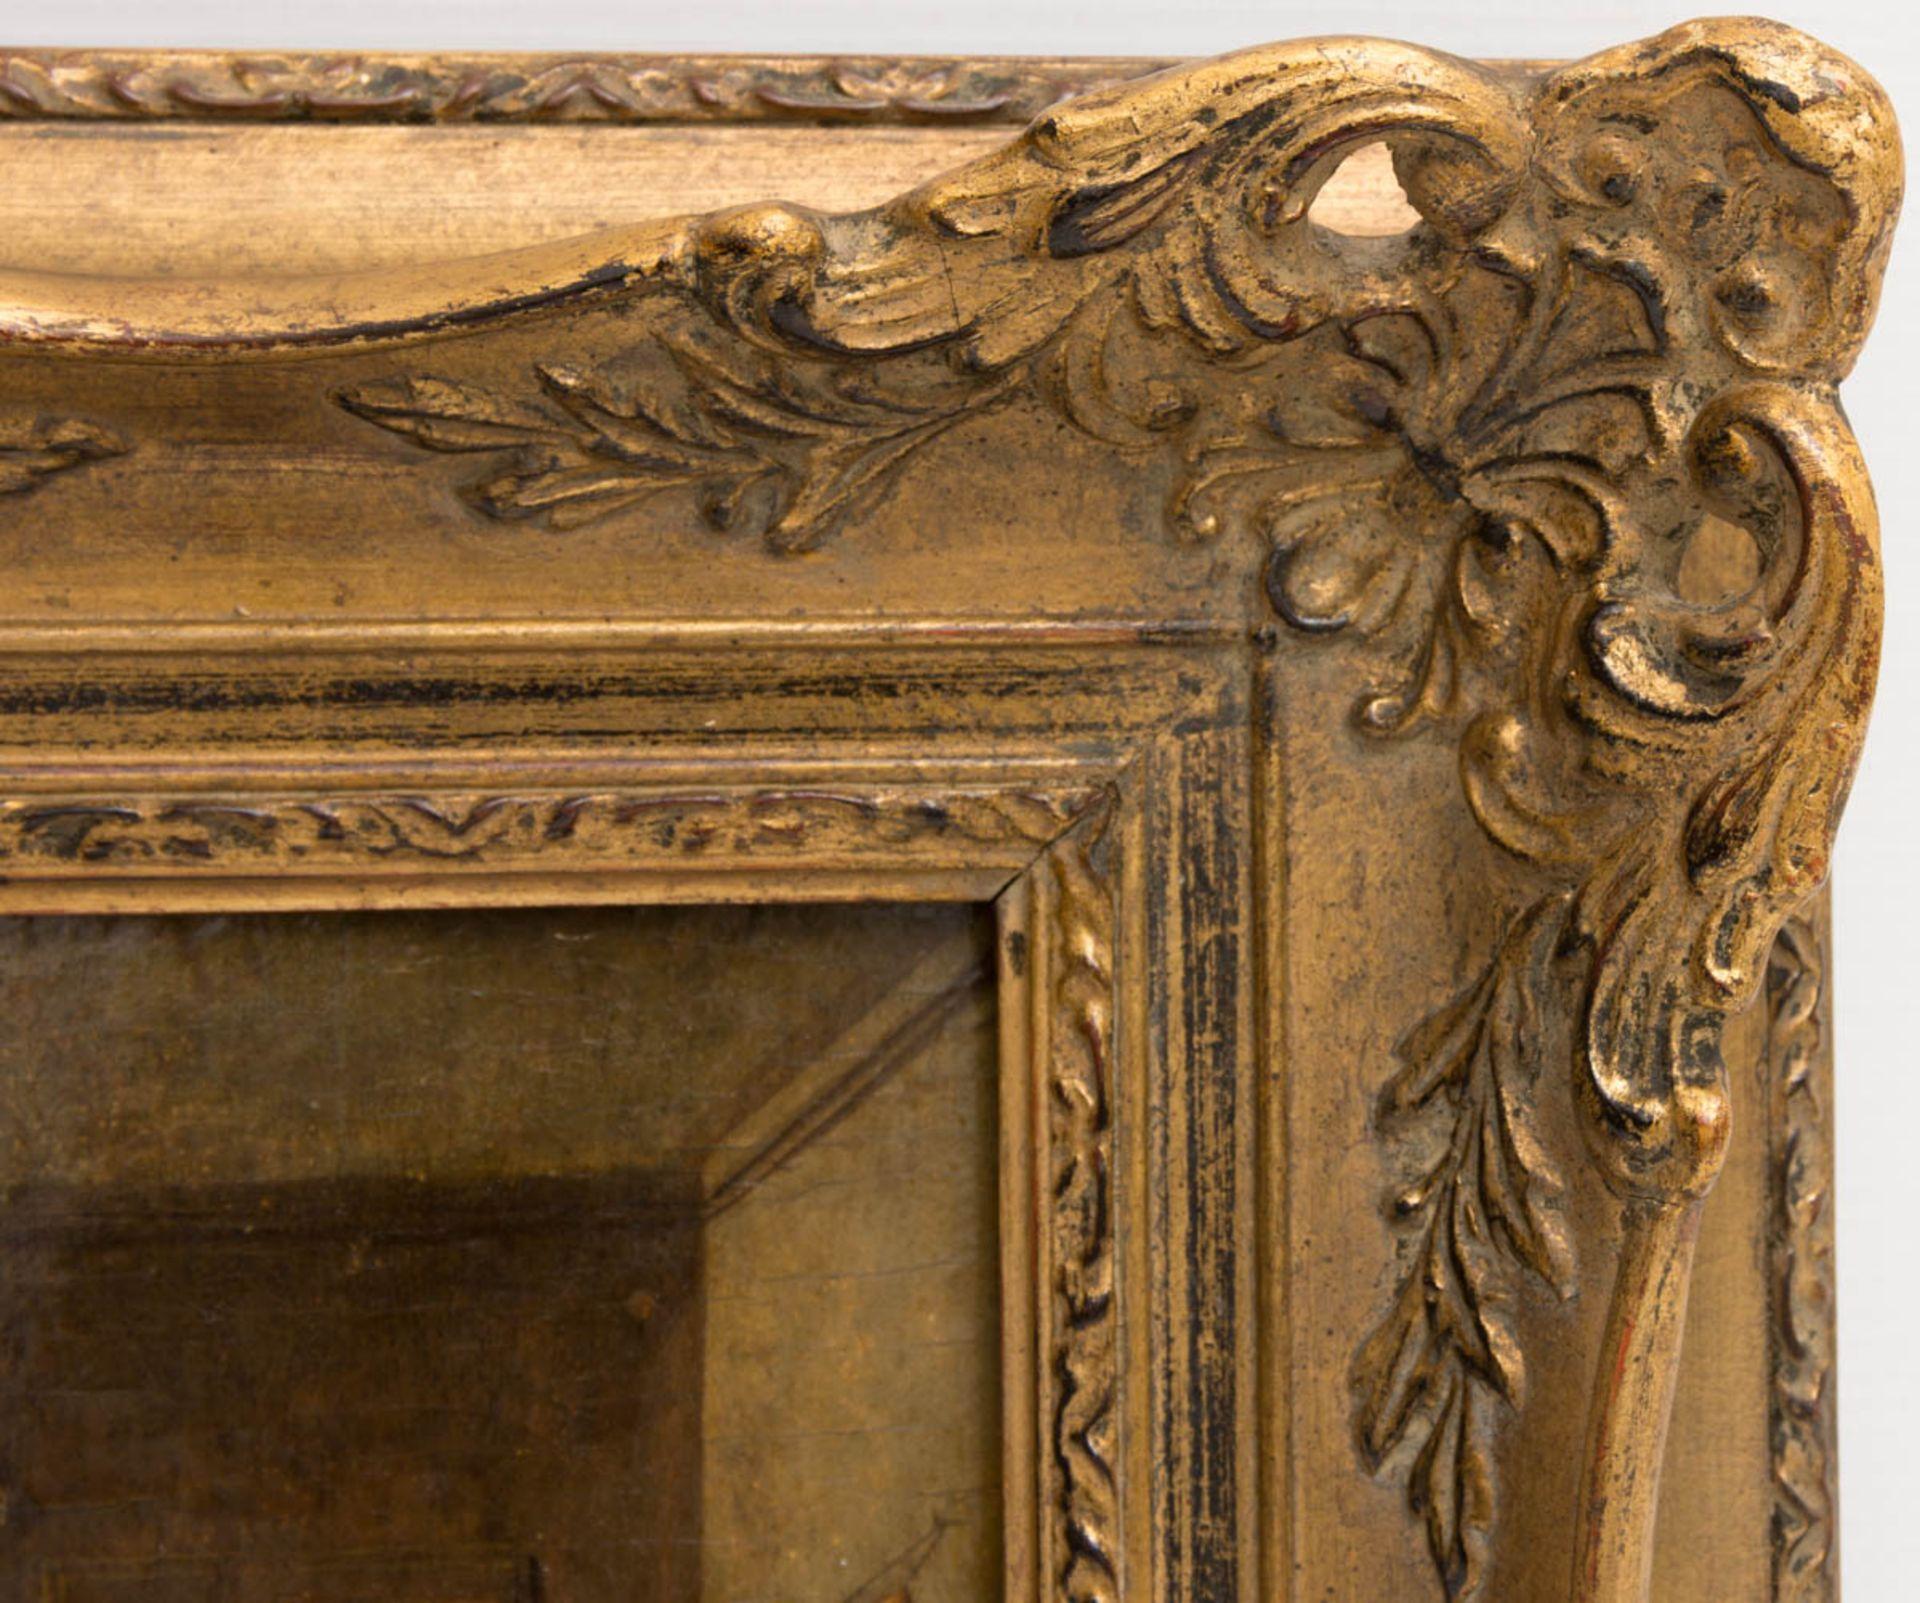 Johann Phillipp Ulbricht, Paar humorvolle Szenen, Öl auf Holz, Mitte 18. Jh. - Bild 7 aus 12